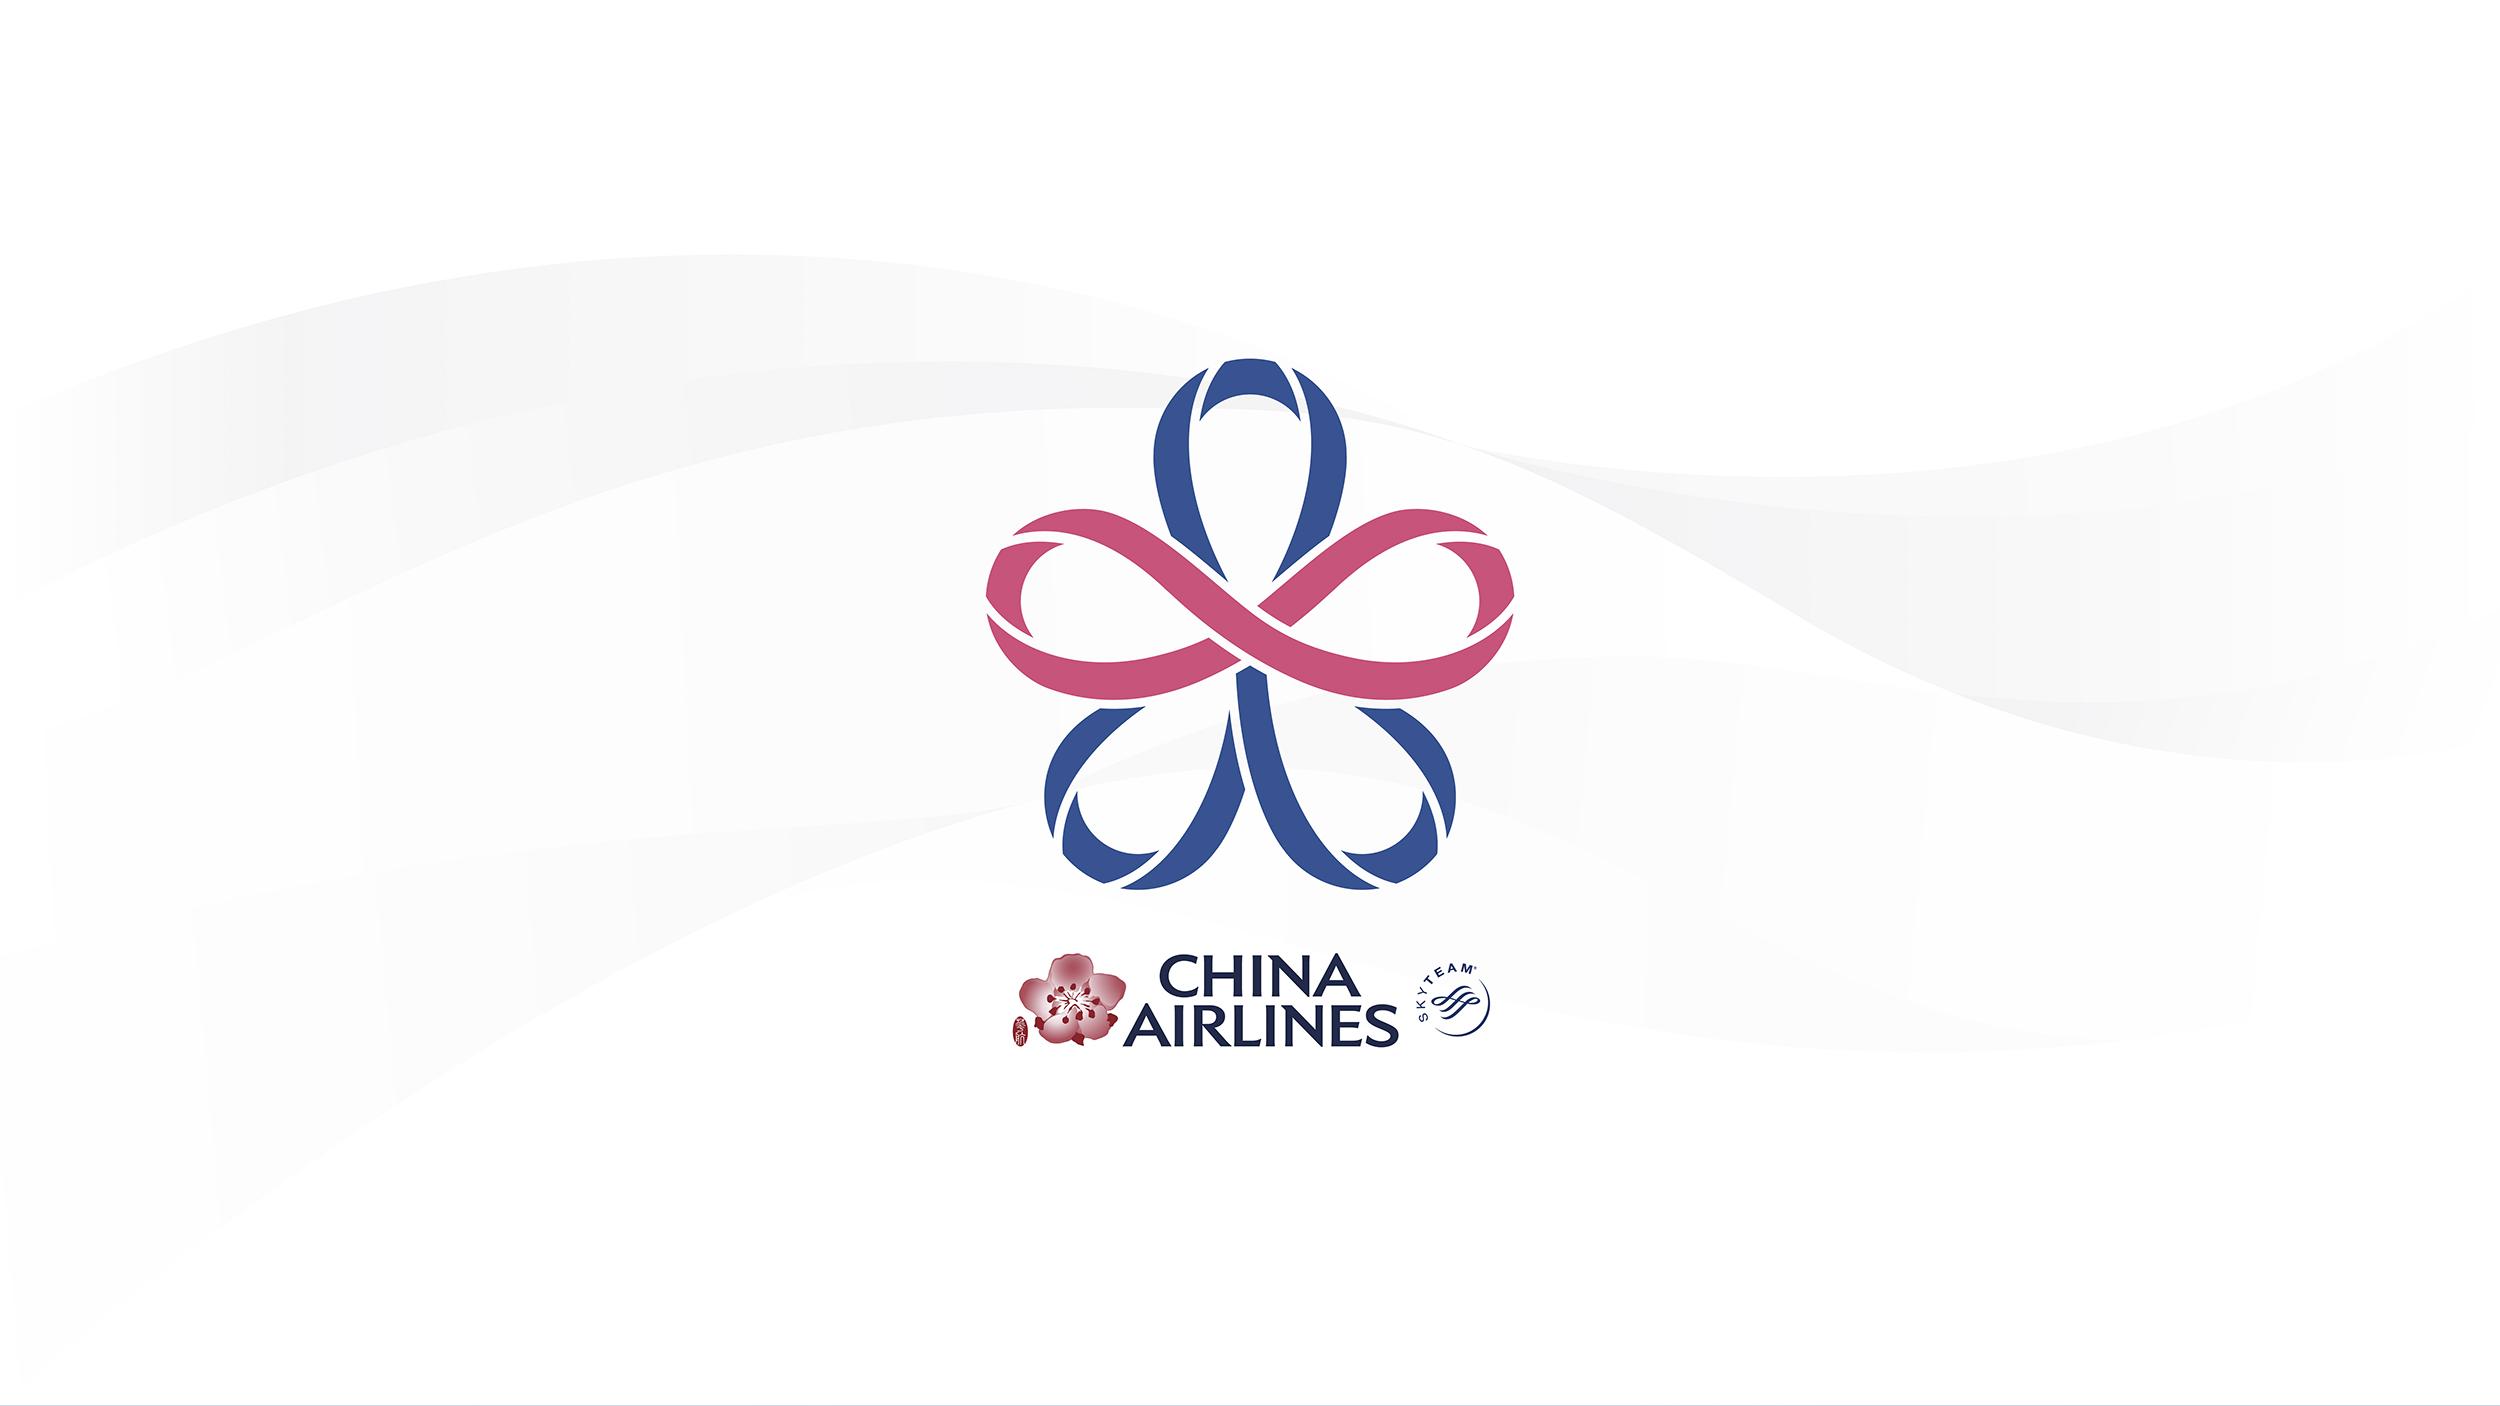 中華航空_China-Airlines_永續標章_Logo設計_手心設計_1